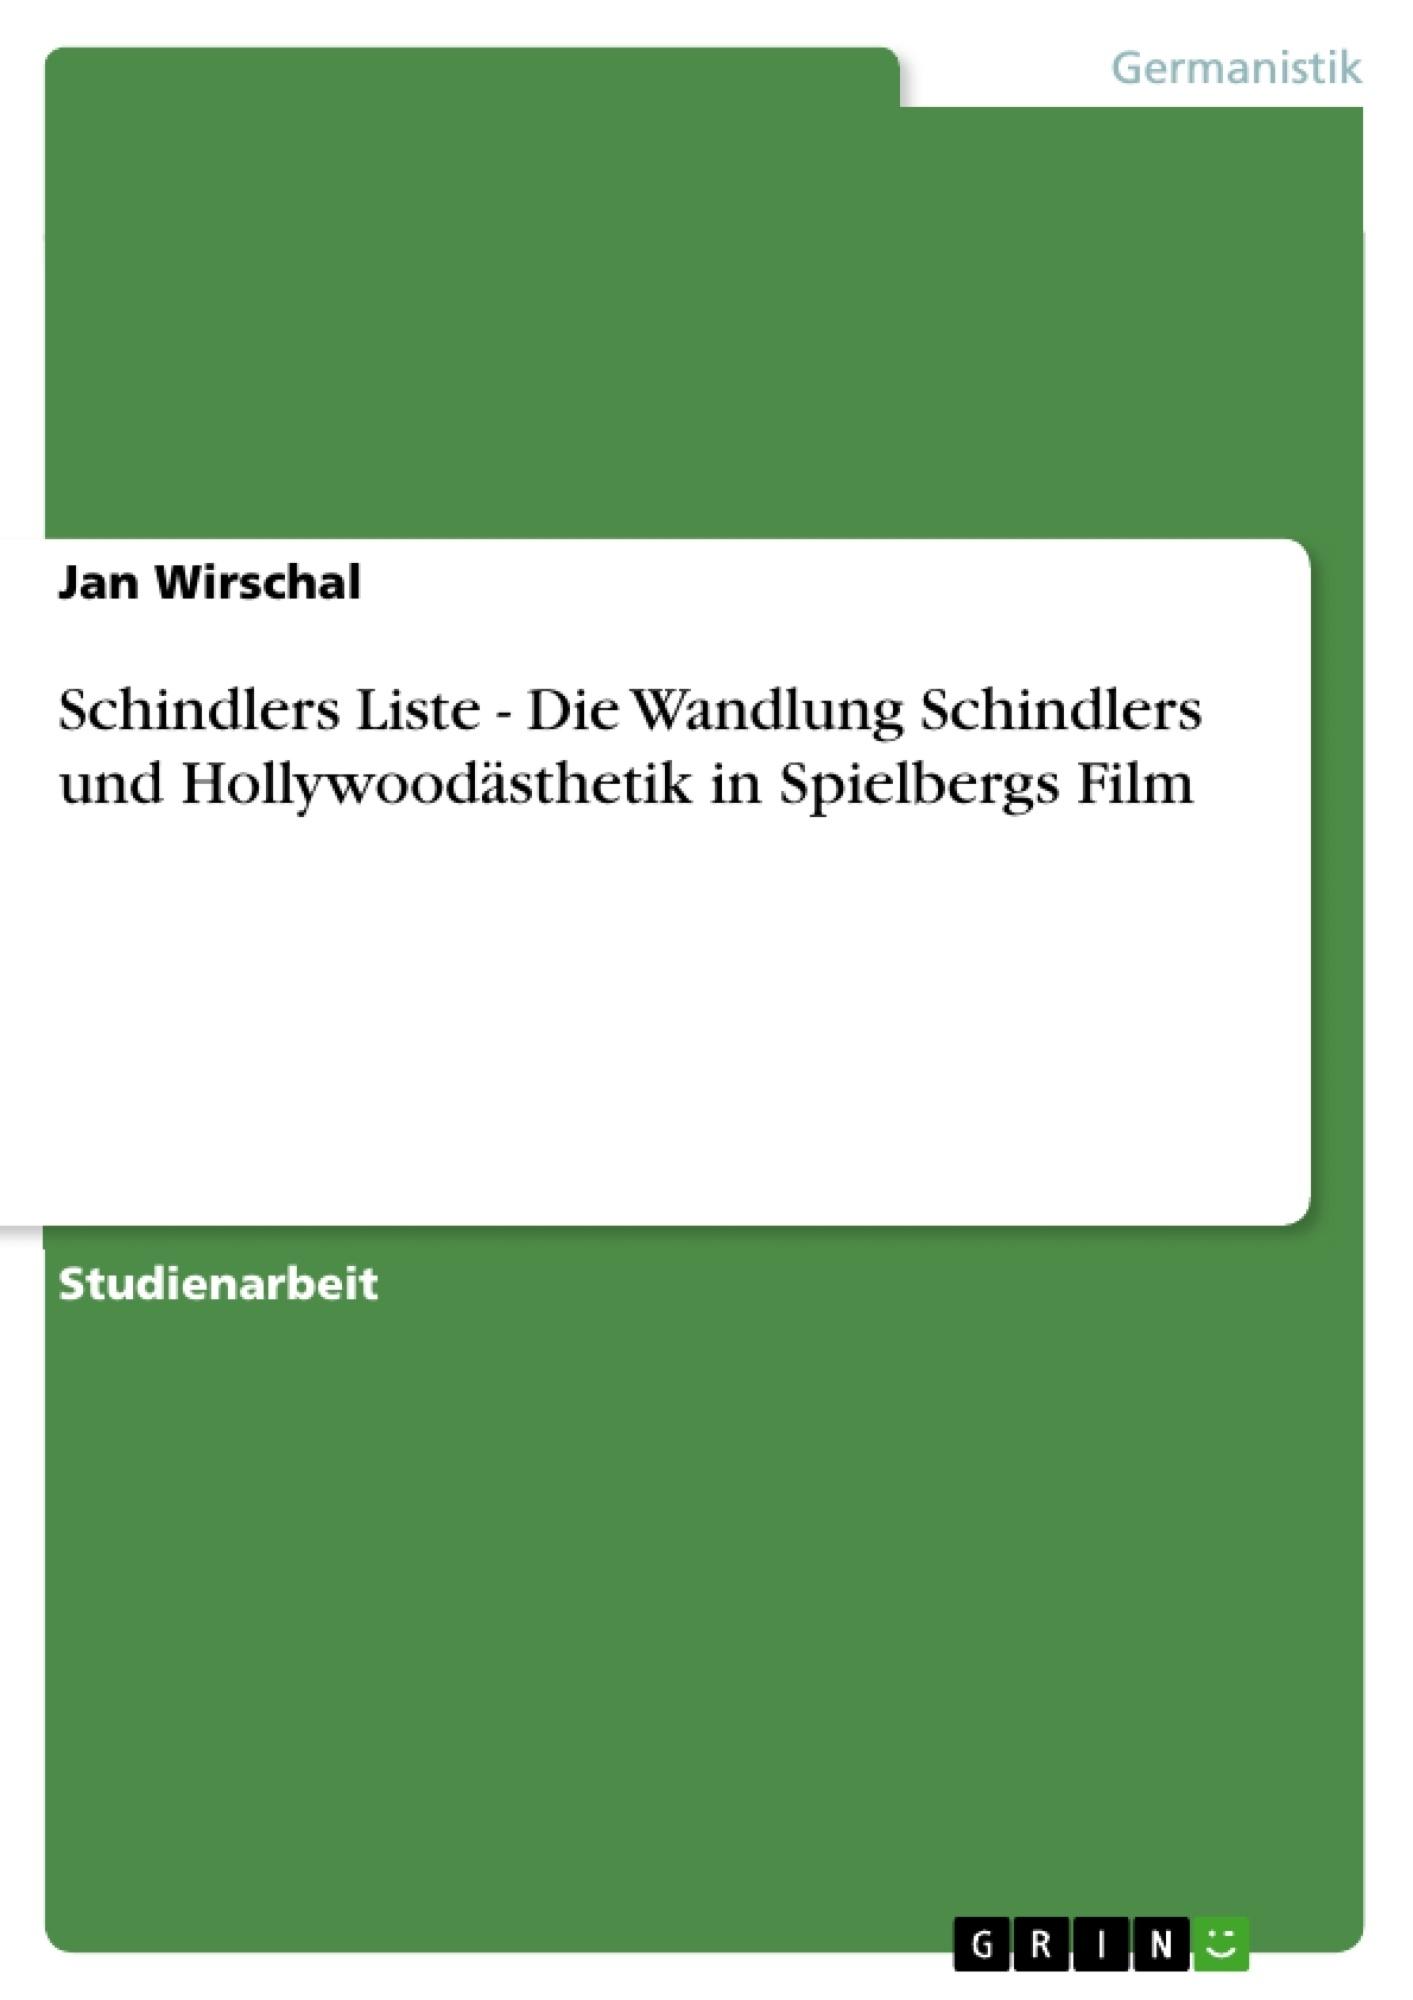 Titel: Schindlers Liste - Die Wandlung Schindlers und Hollywoodästhetik in Spielbergs Film